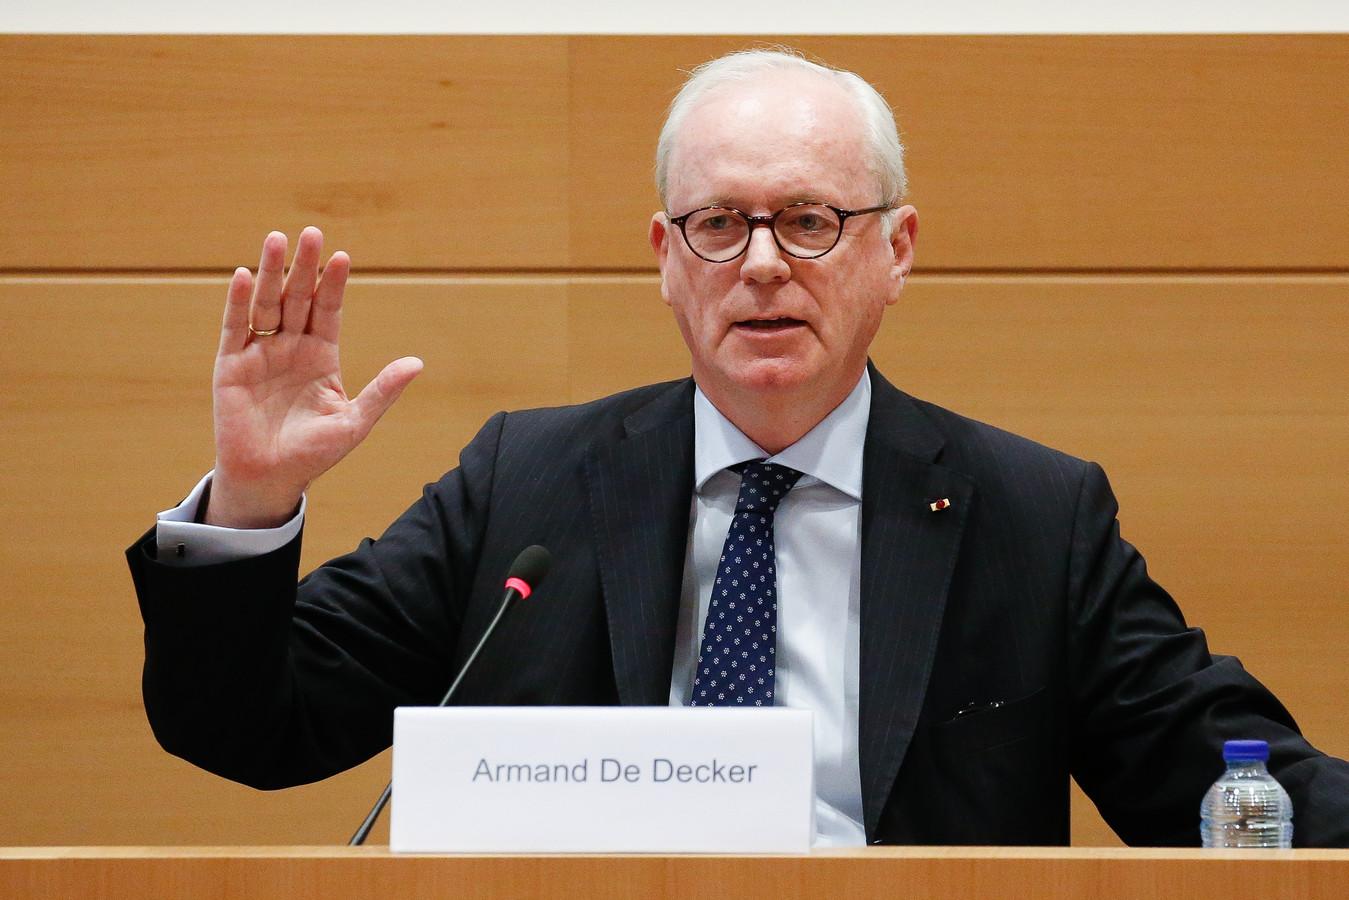 Armand De Decker